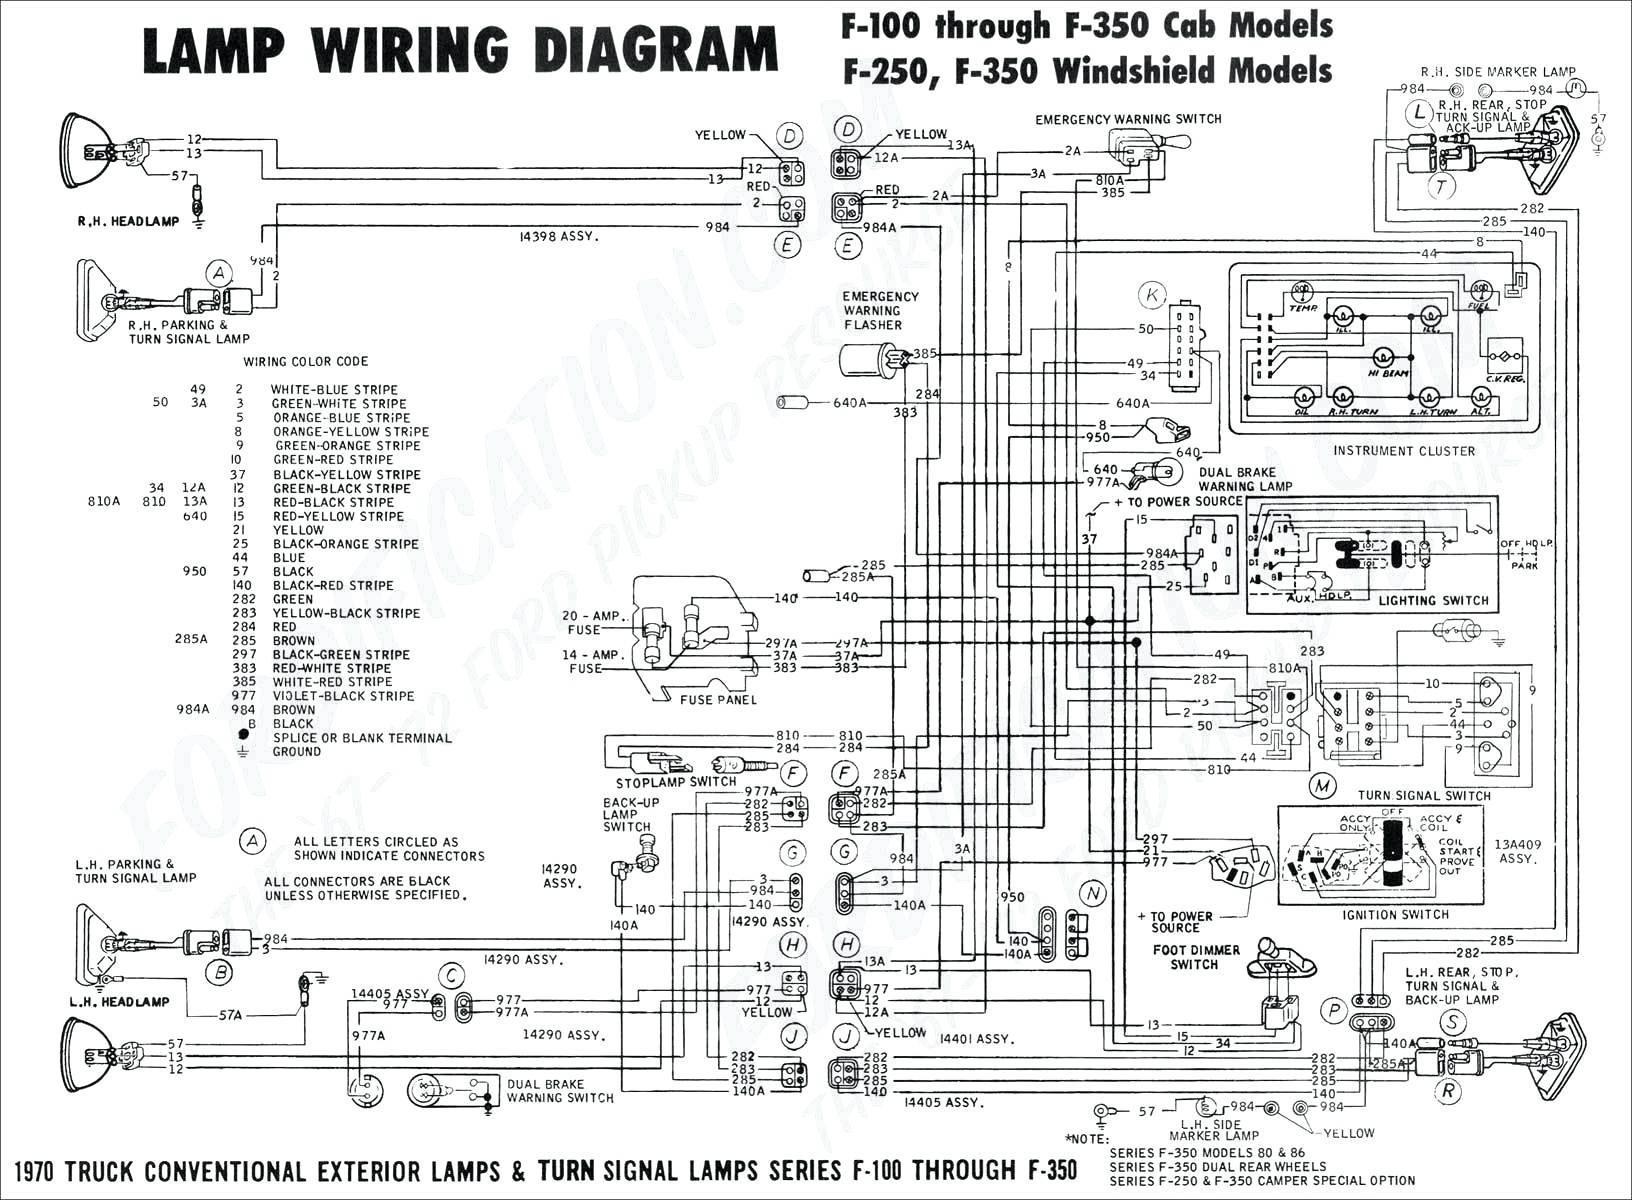 mazda 6 engine parts diagram my wiring diagram rh detoxicrecenze com 2016 Mazda 6 Body Diagram 2004 Mazda 6 V6 Engine Diagram